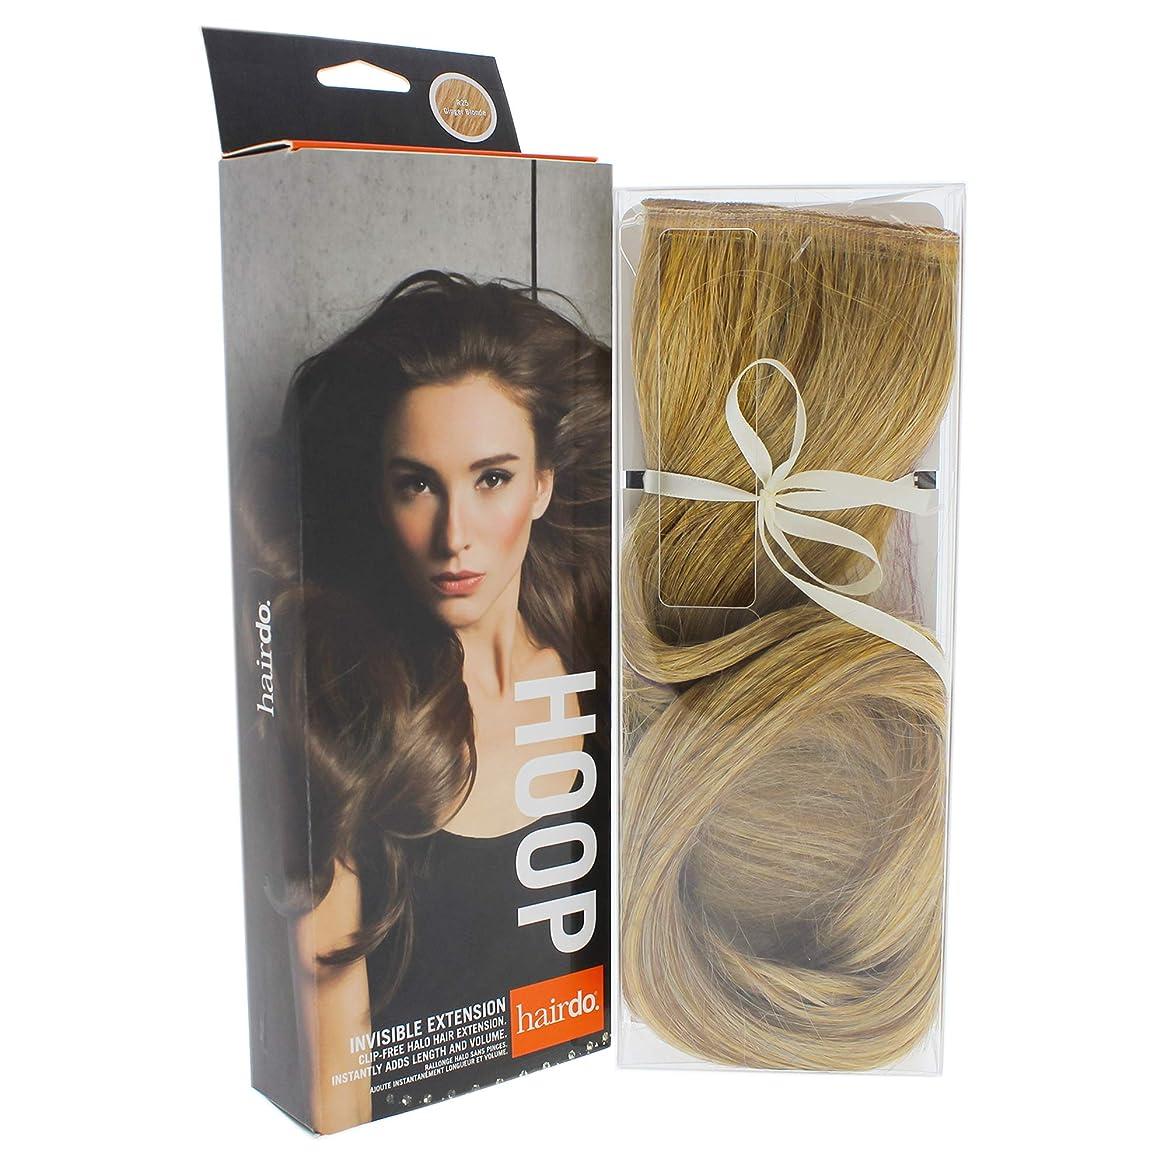 強調する方法論同意HairDo 目に見えない拡張を髪型 - 、 r25ジンジャーブロンド